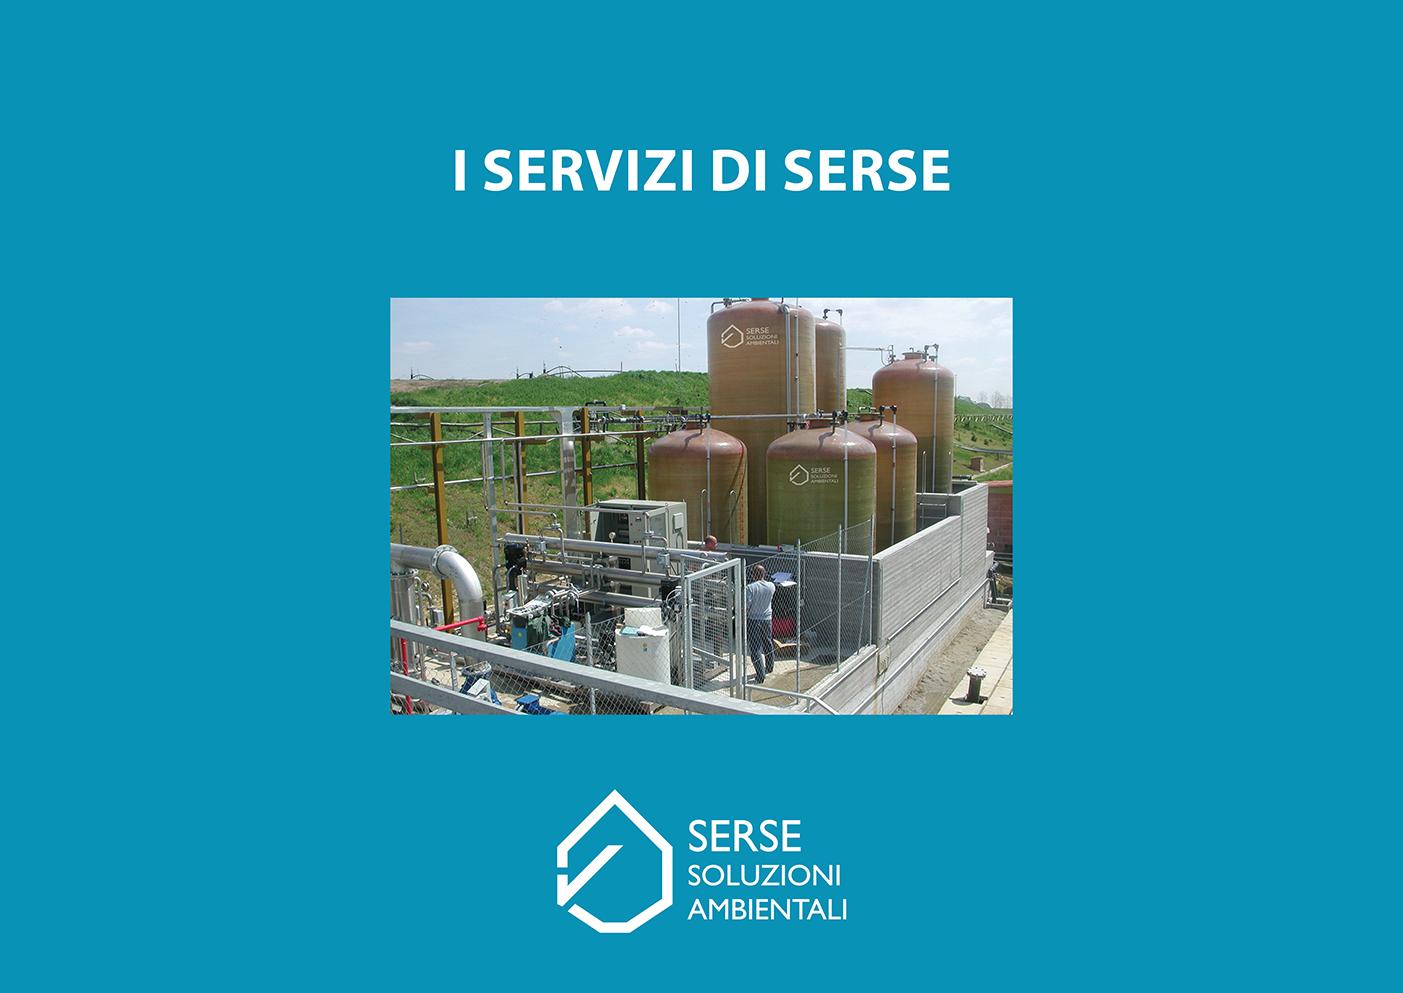 Serse Servizi